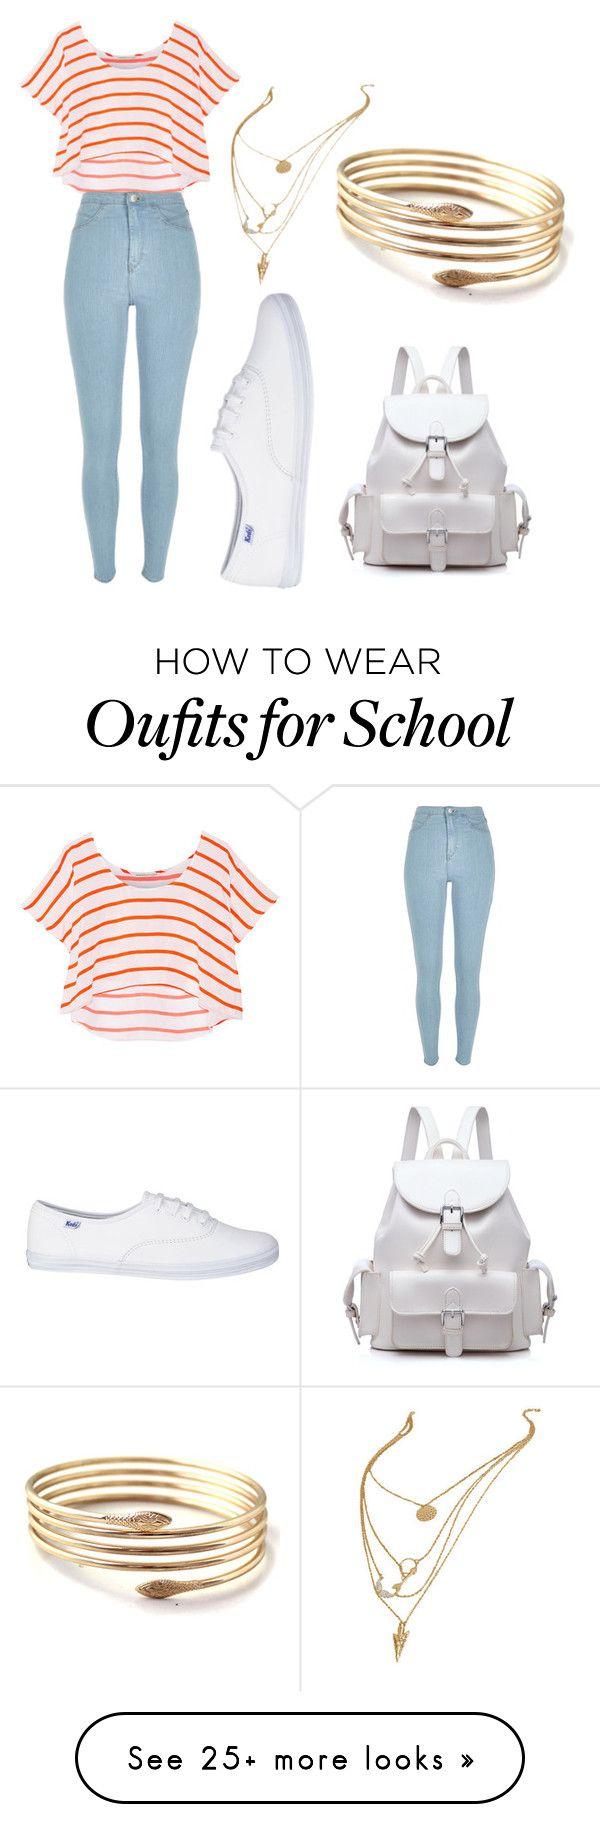 Blusa rayas, pantalon claro, tenis blancos.